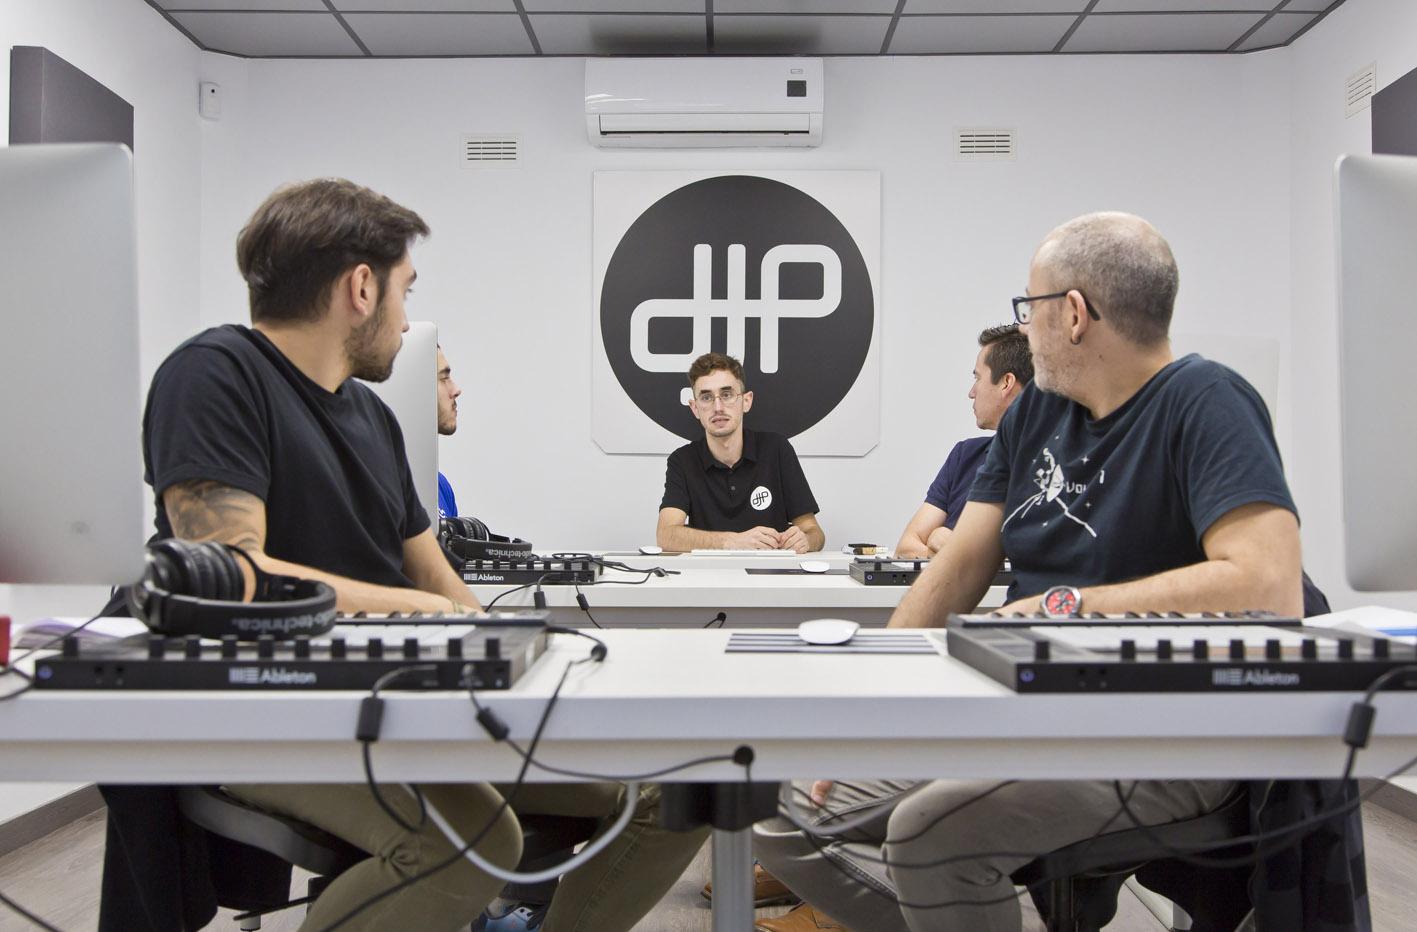 Dj_productor_escuela-profesores-clases-musica-electronica-produccion-dj-madrid